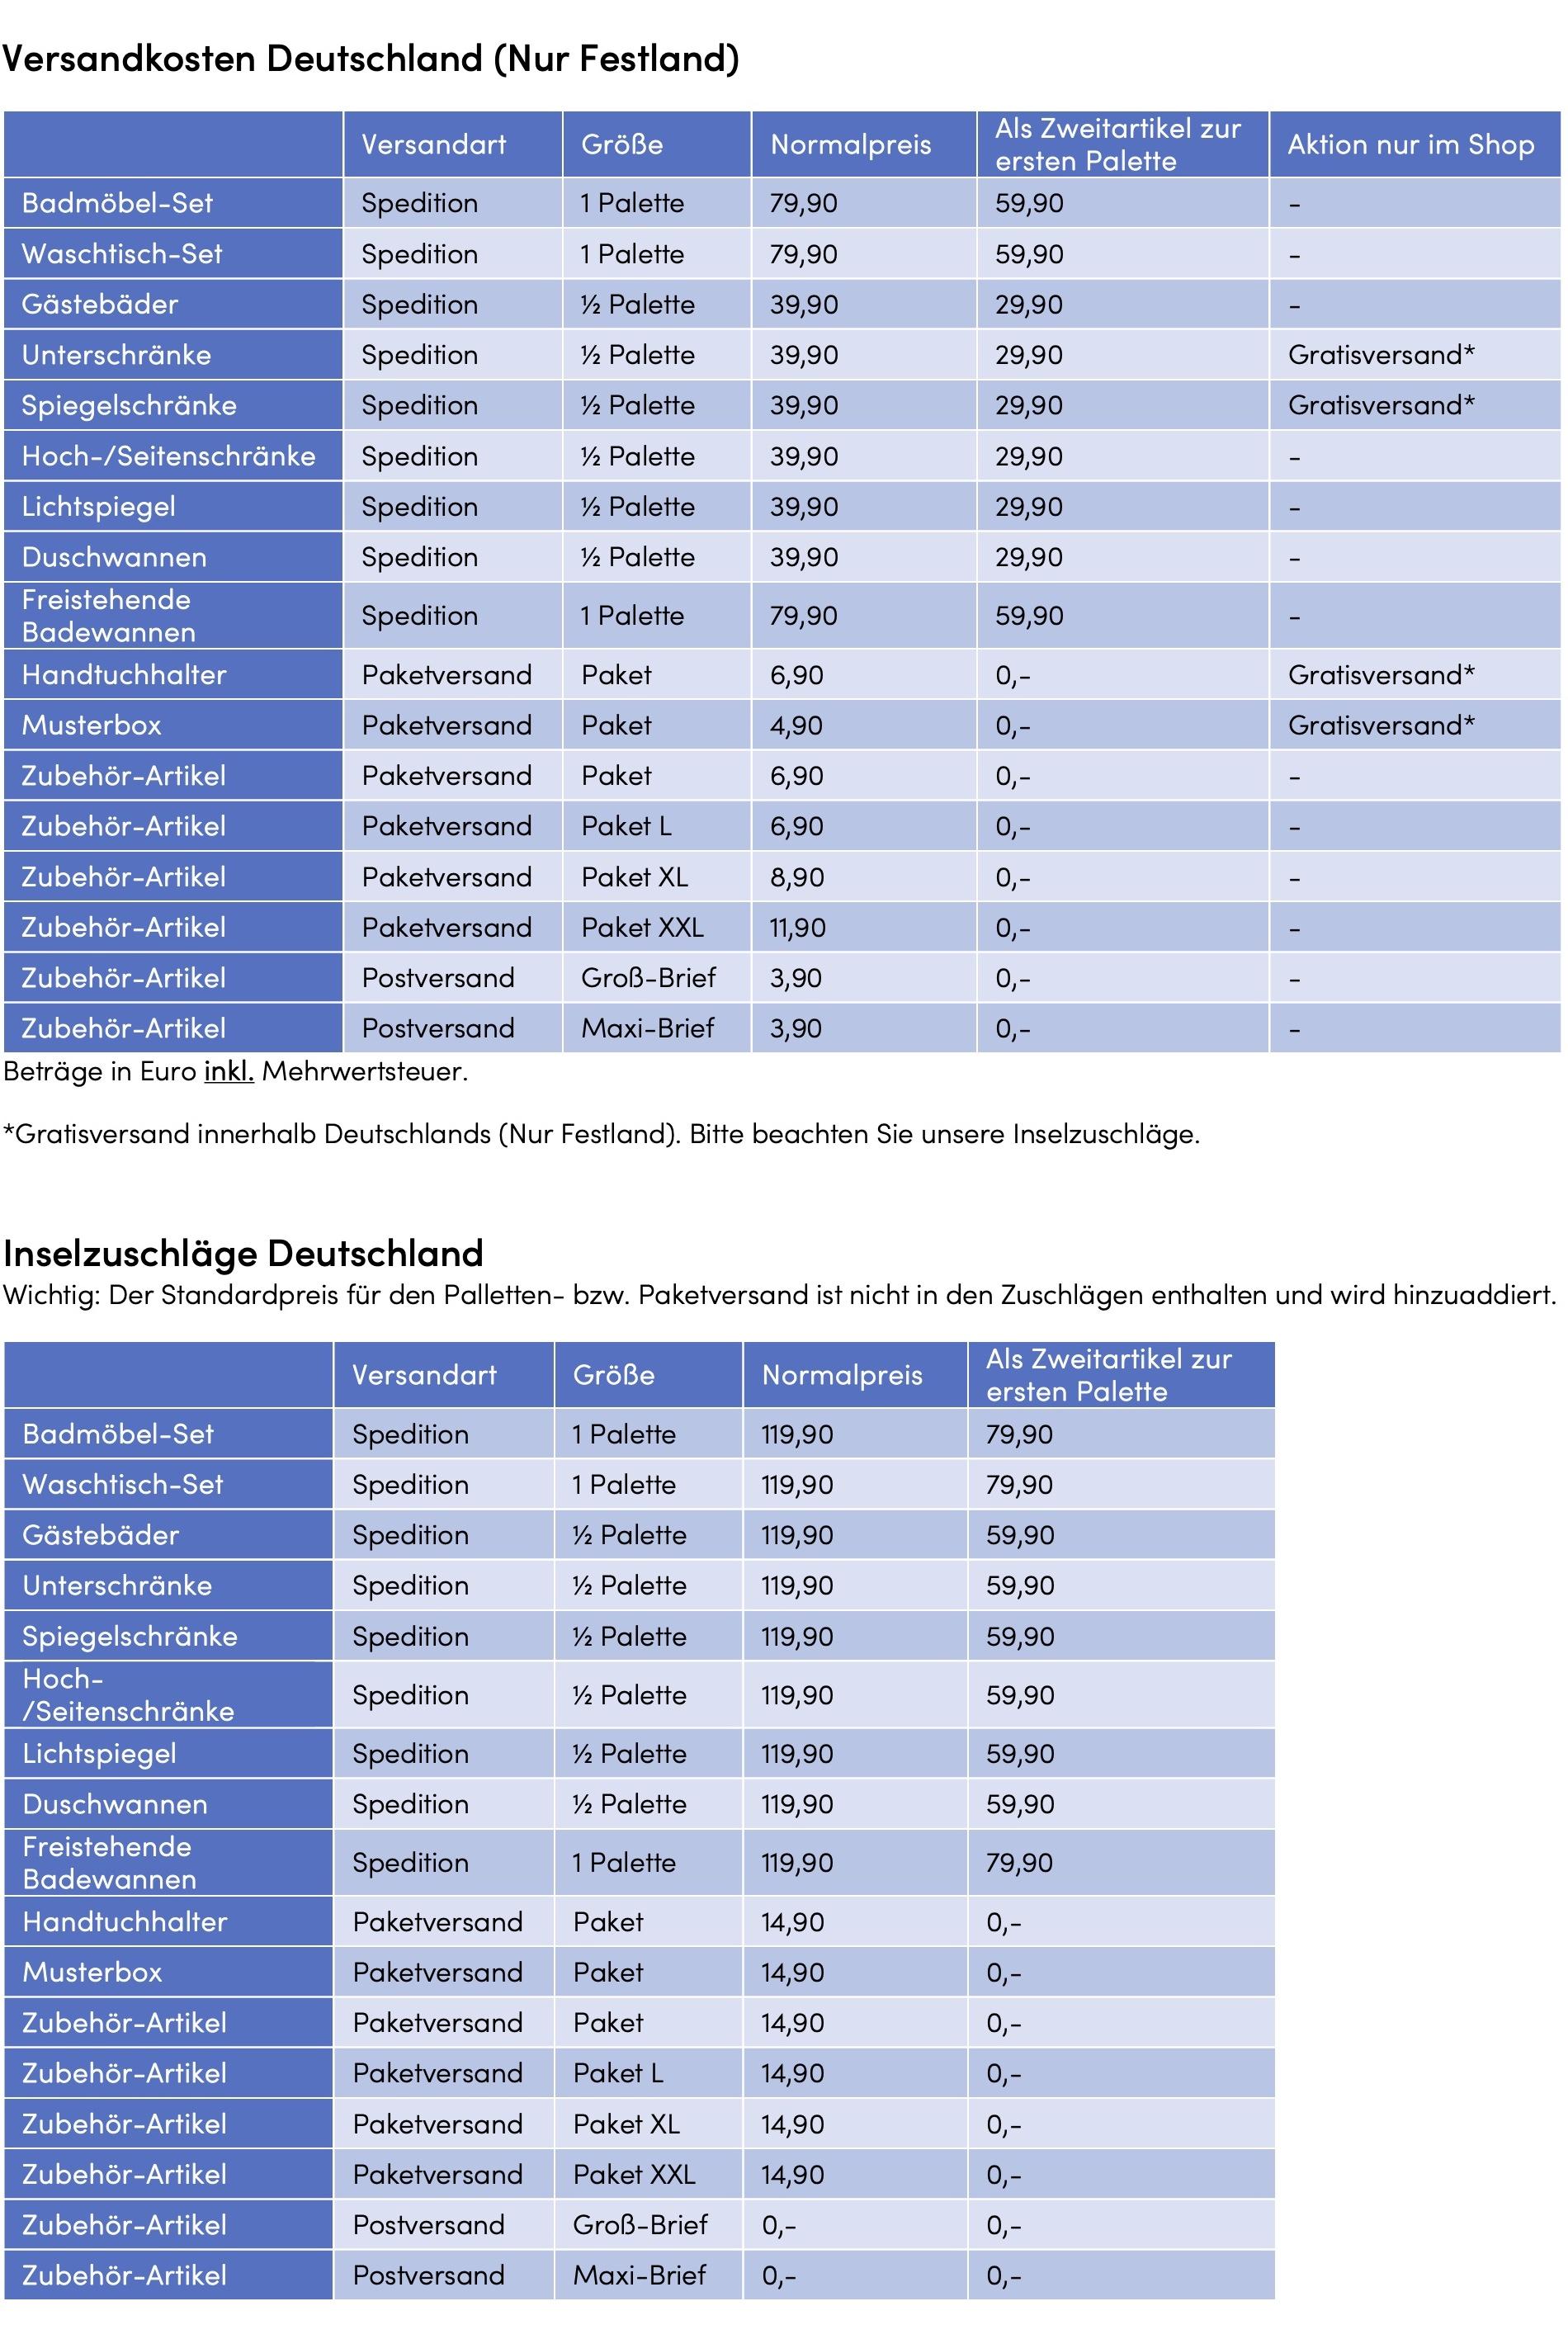 2020-09-24-versandkosten-neu